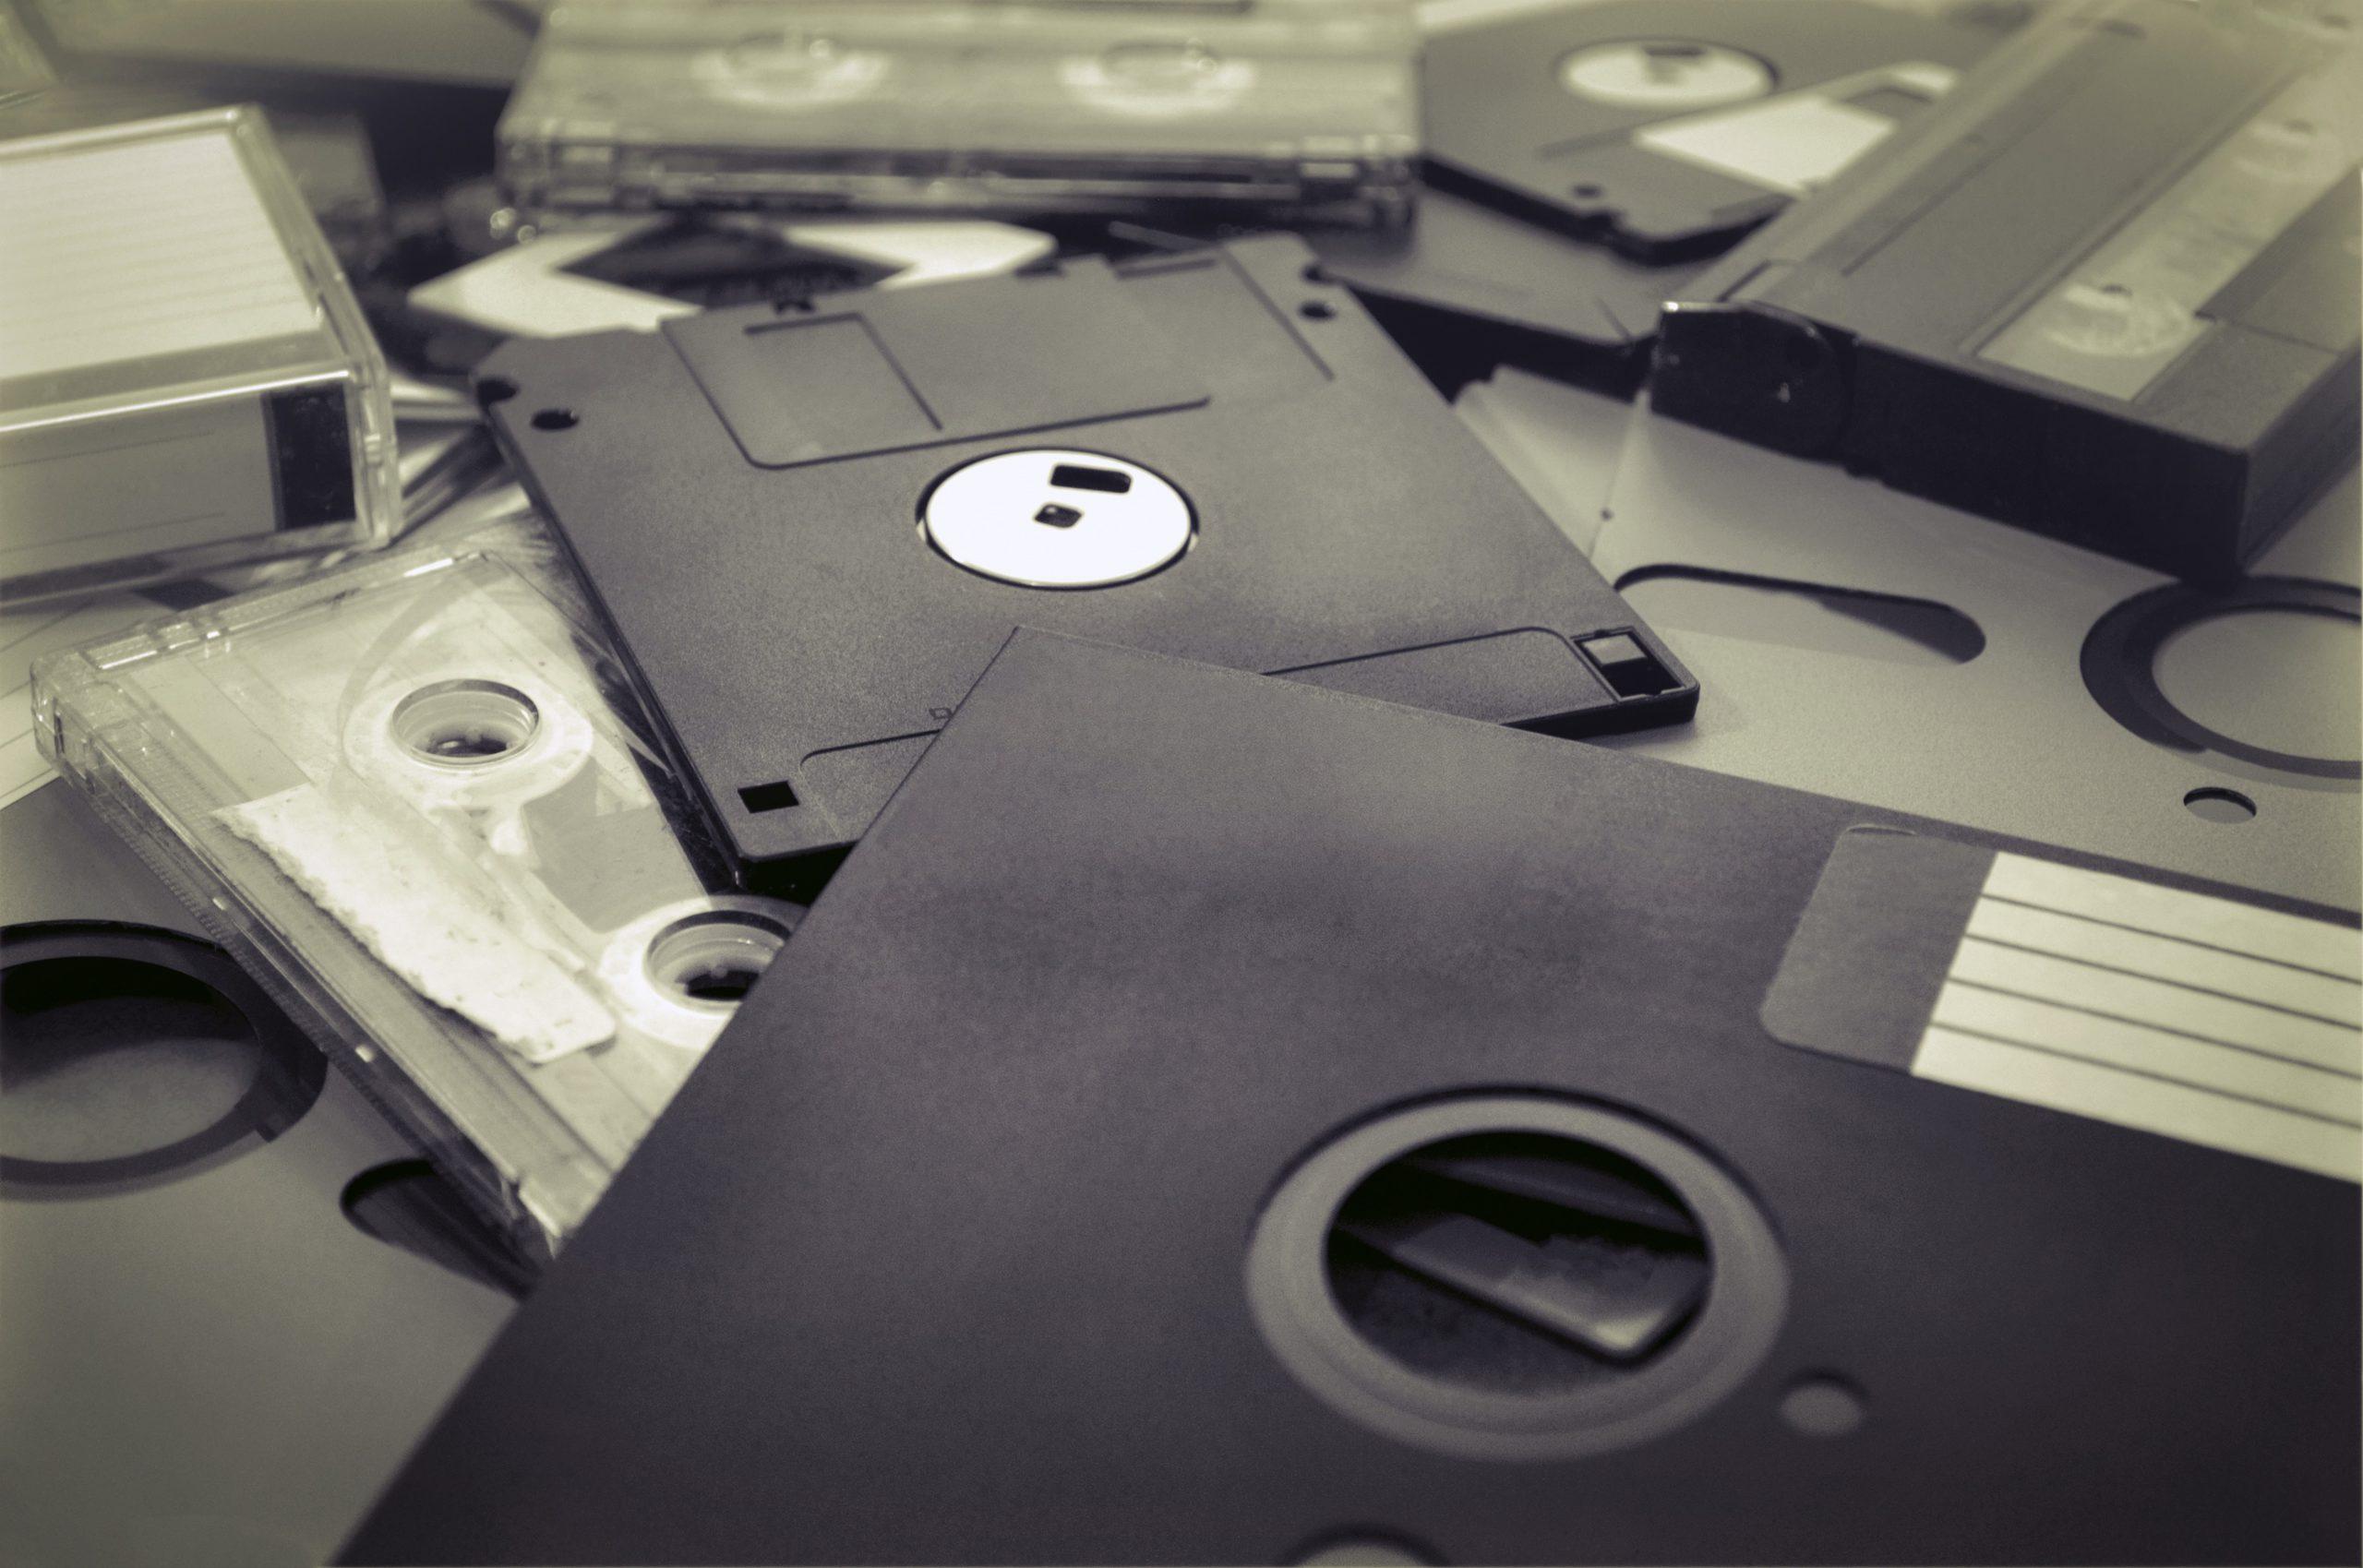 Une mise aux enchères a estimé à 6820 euros une disquette Macintosh signée par Steve Jobs, fondateur d'Apple.